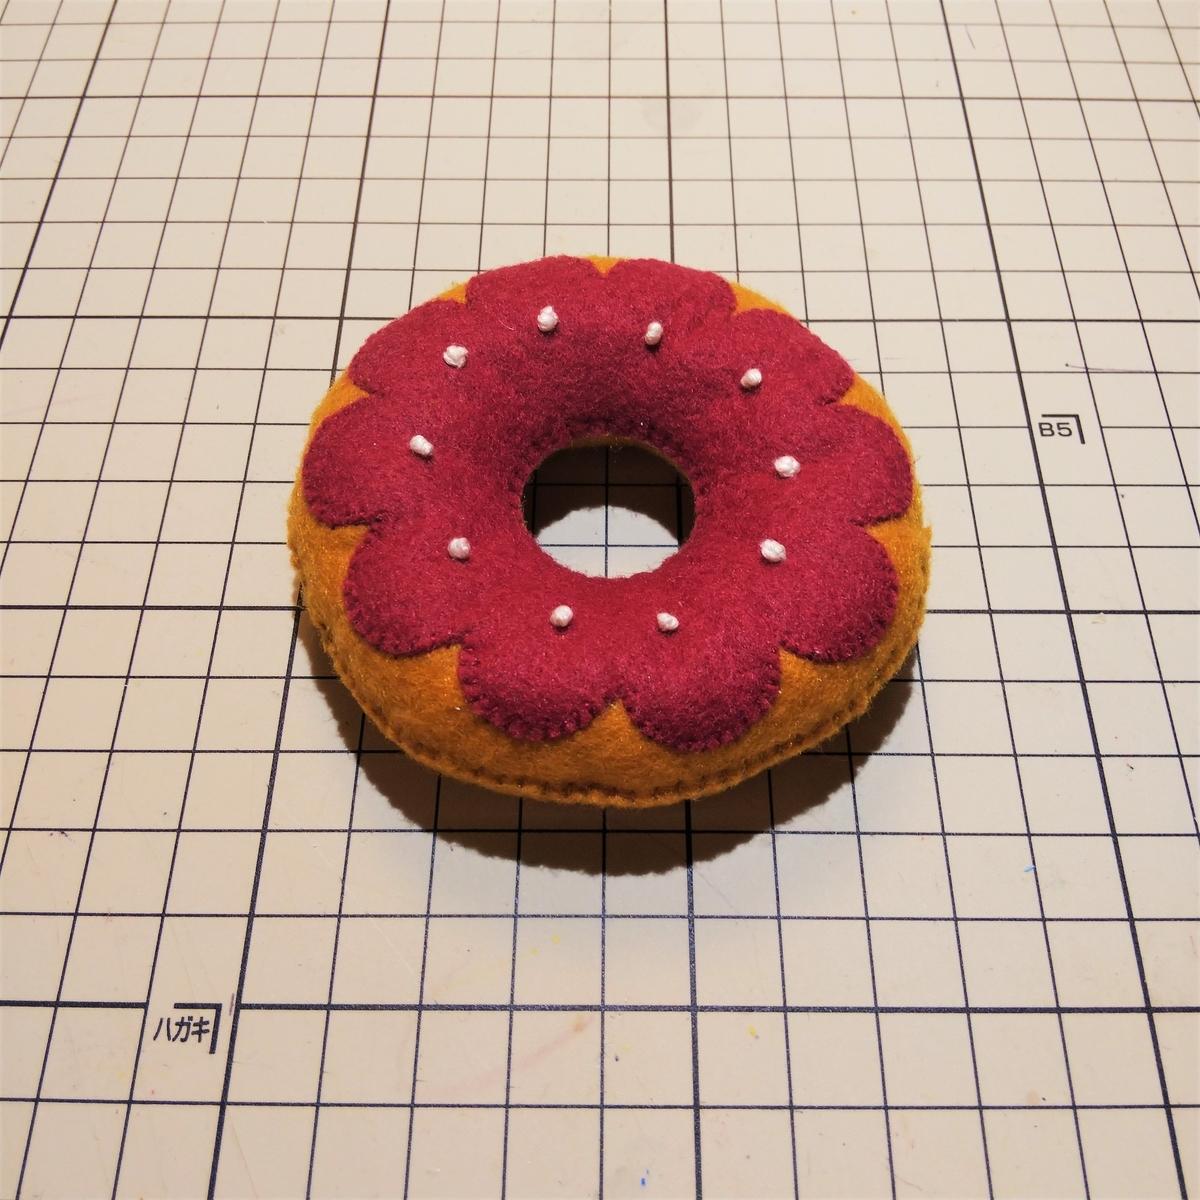 『デコレーションドーナツ』の完成